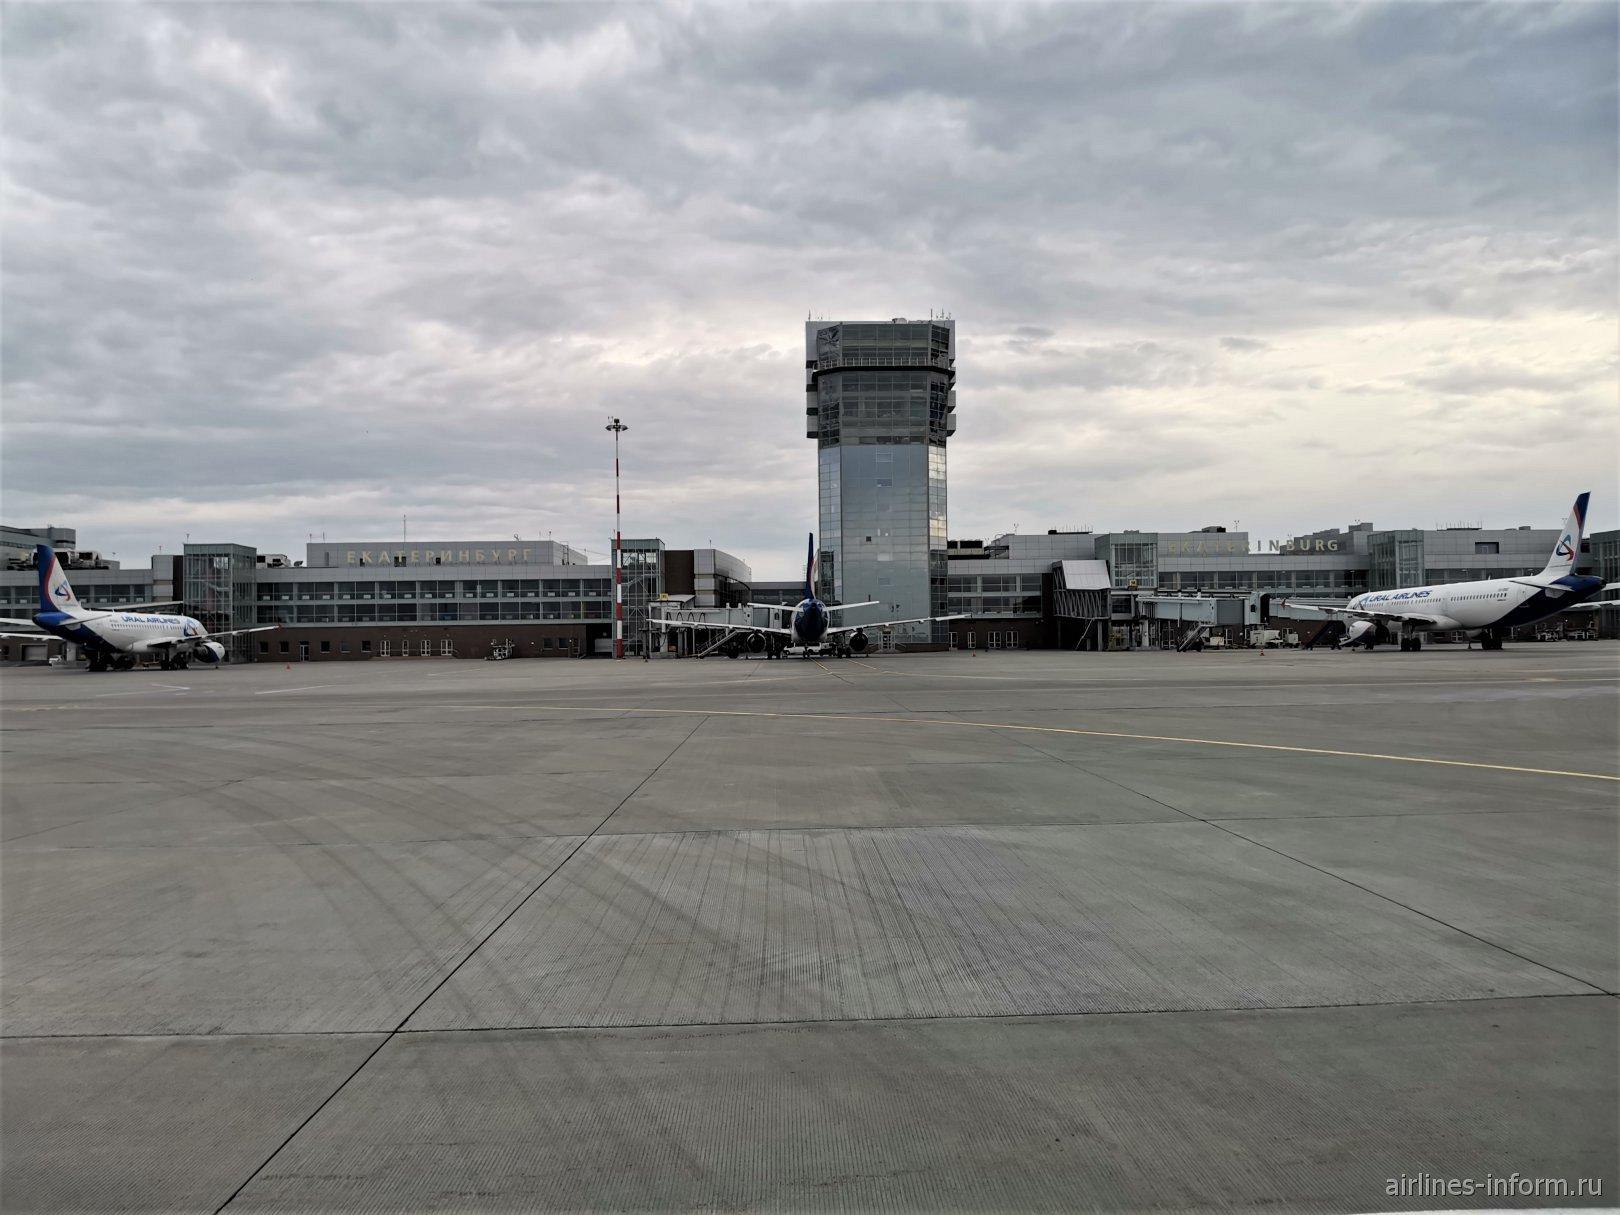 Перрон и диспетчерская башня аэропорта Кольцово